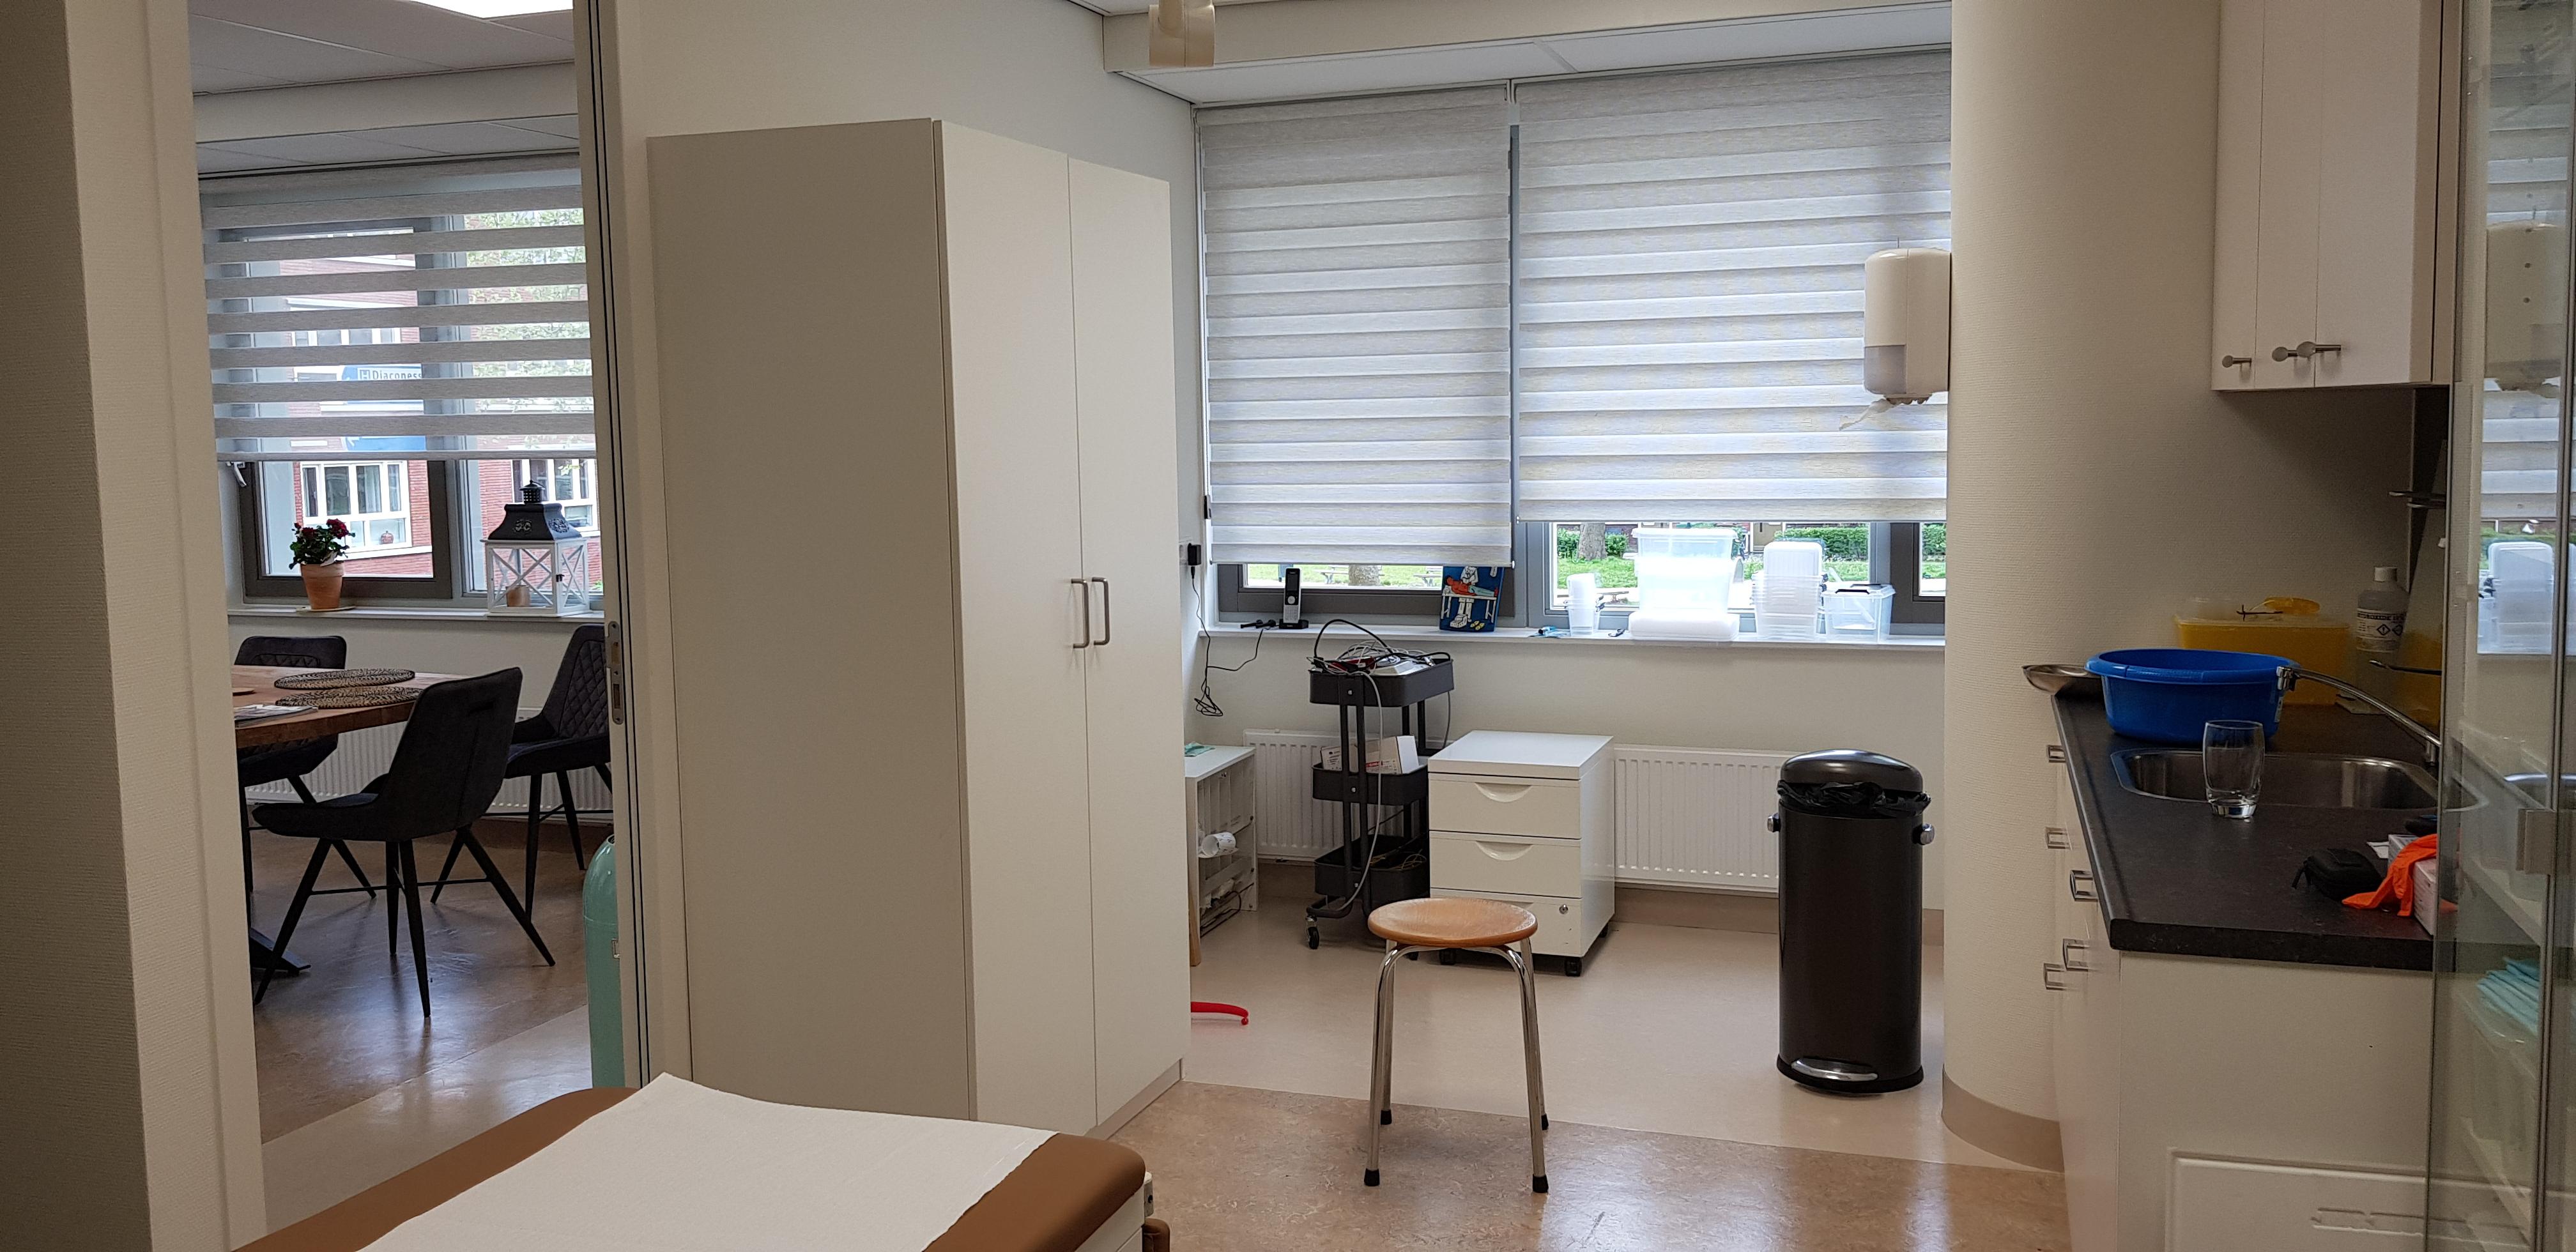 Gezondheidscentrum Dieperhout